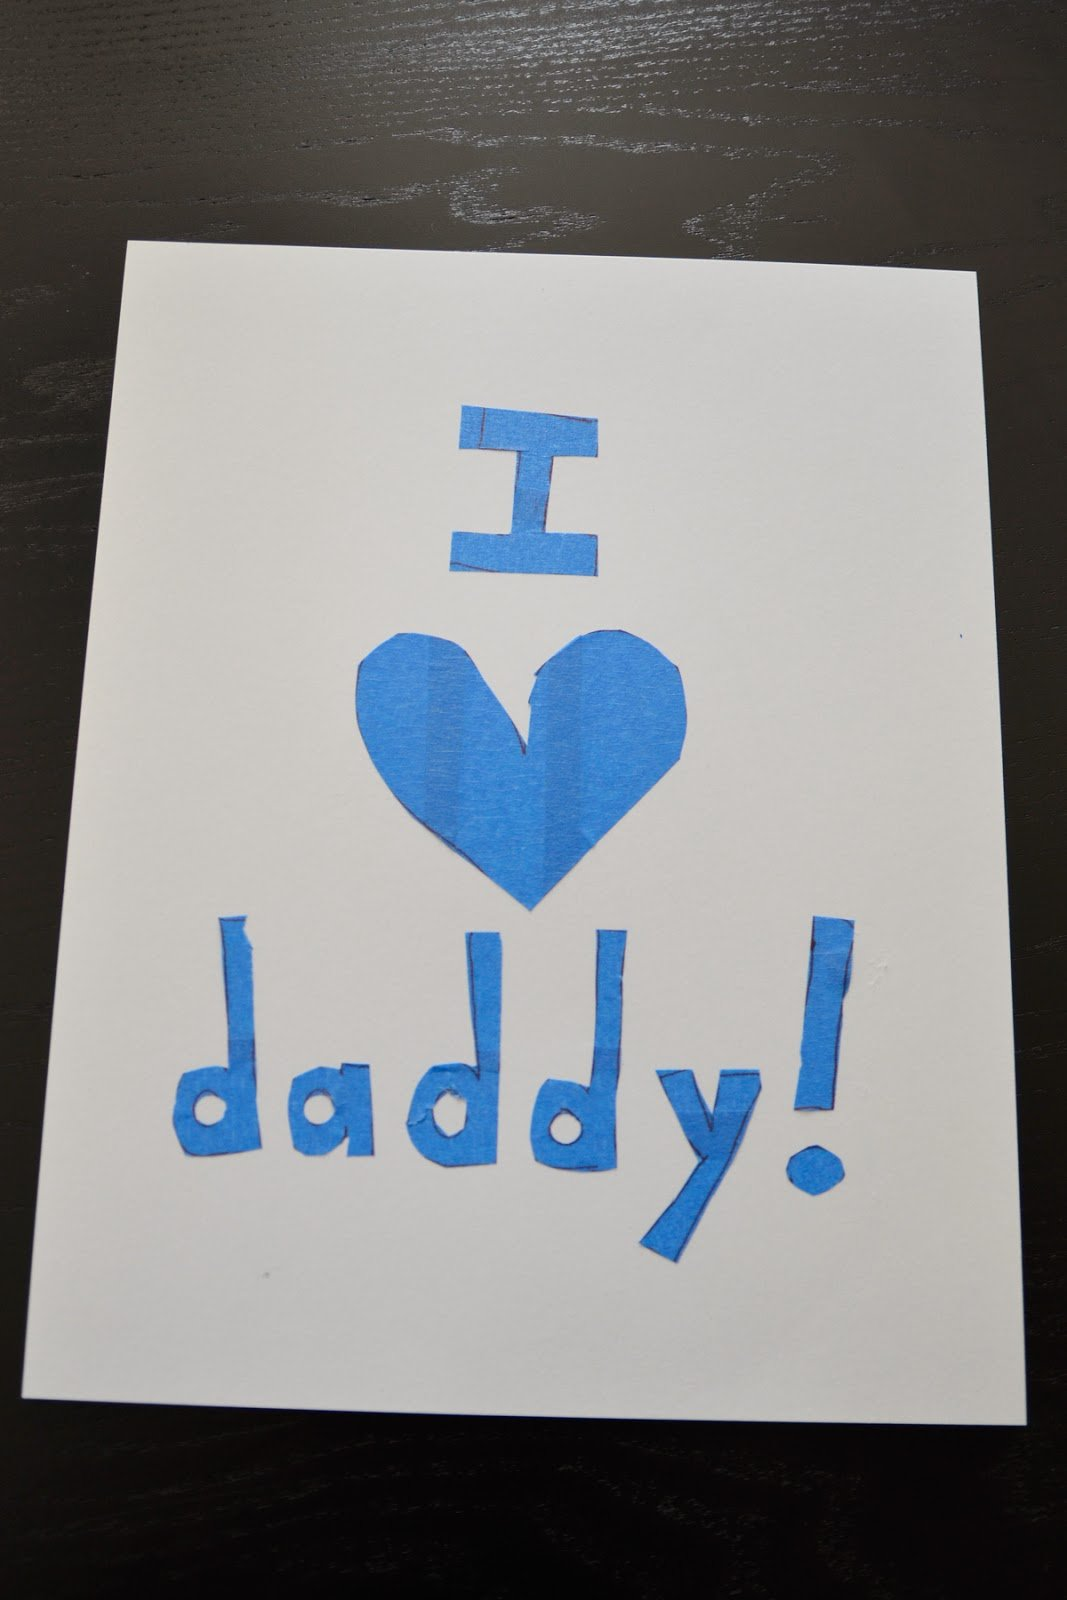 Basteln mit Kindern - Vatertag-Karte basteln und Papa Sprüche schreiben